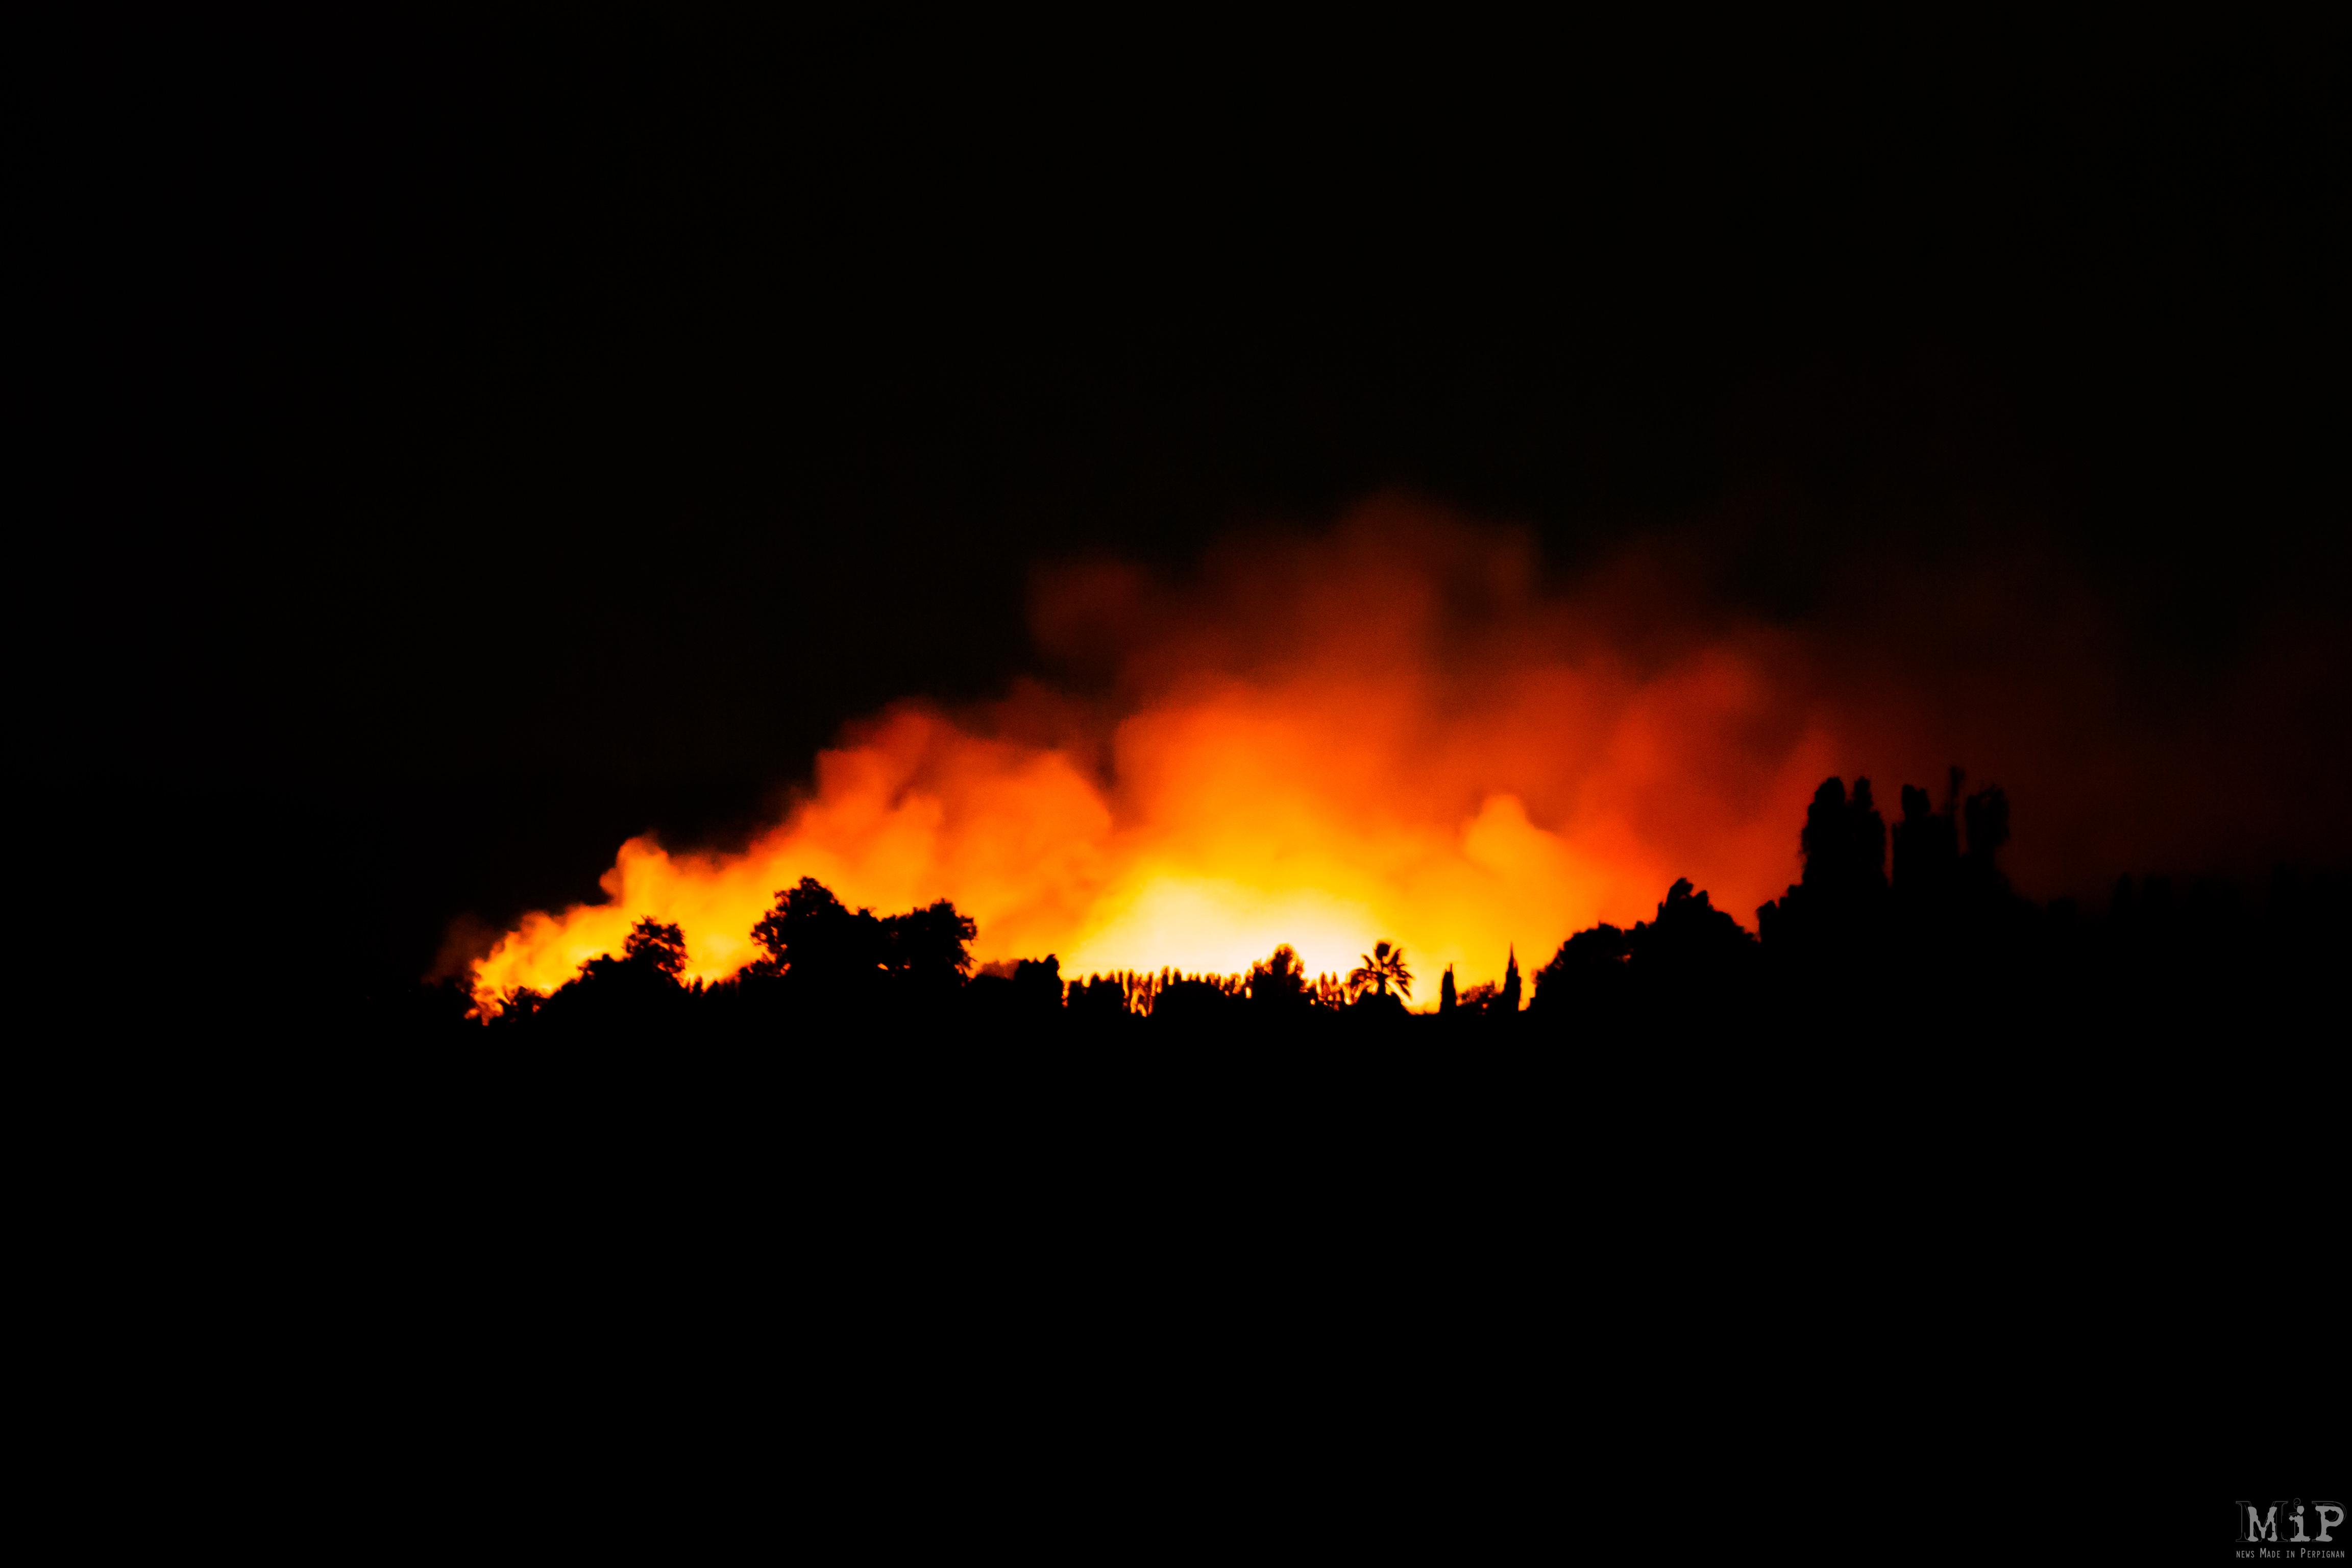 Incendies été 2019 Salanque